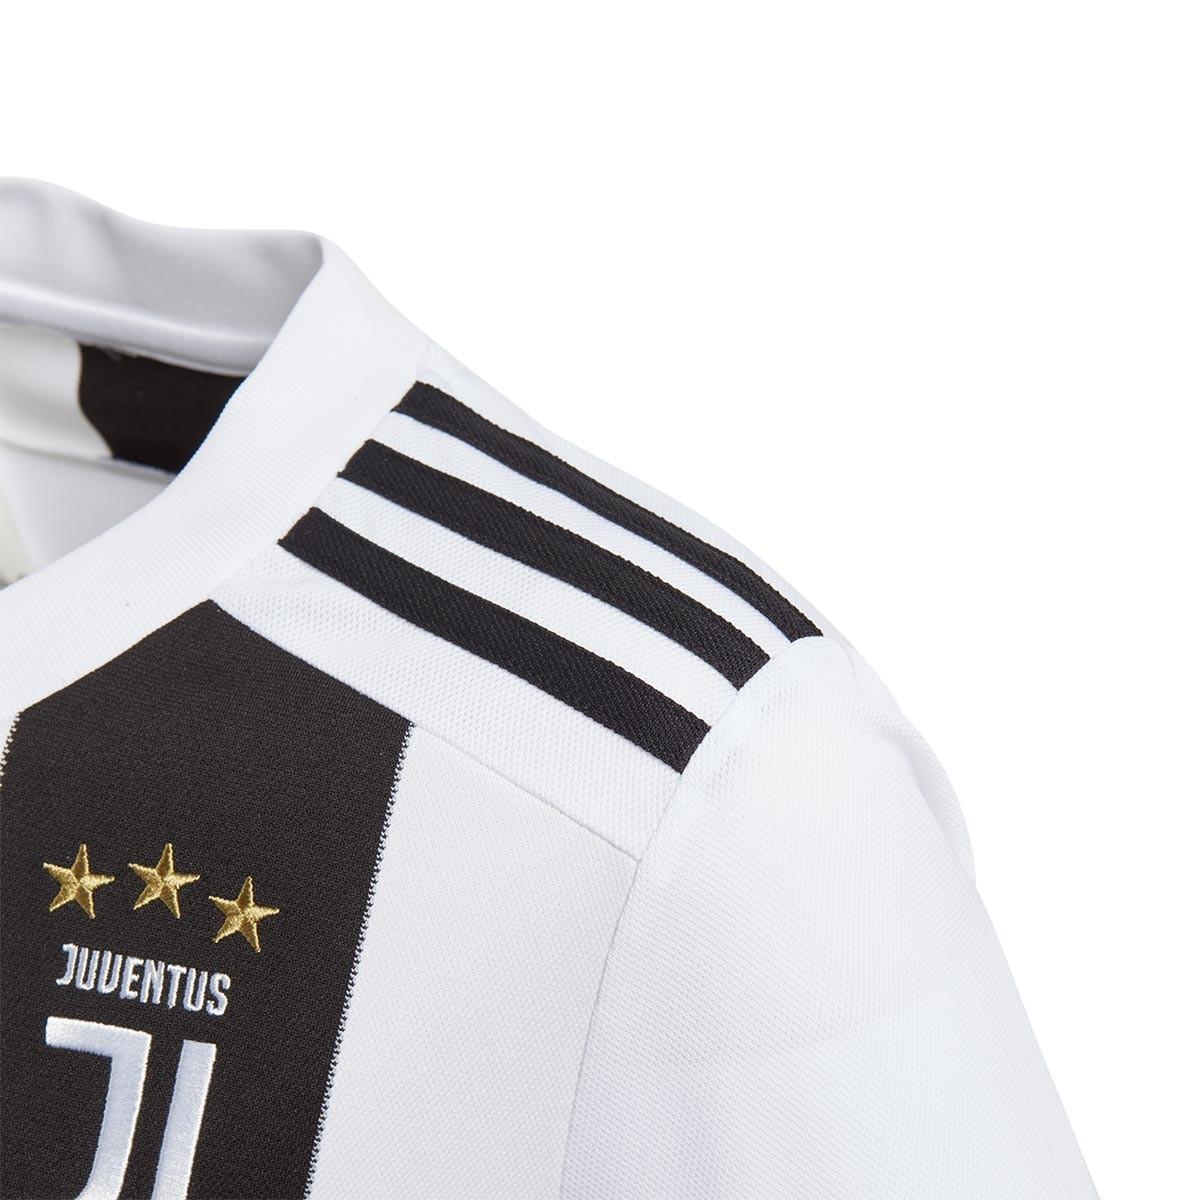 049f01c3e6 Camisola adidas Juventus Equipamento Principal 2018-2019 Crianças  Black-White - Loja de futebol Fútbol Emotion